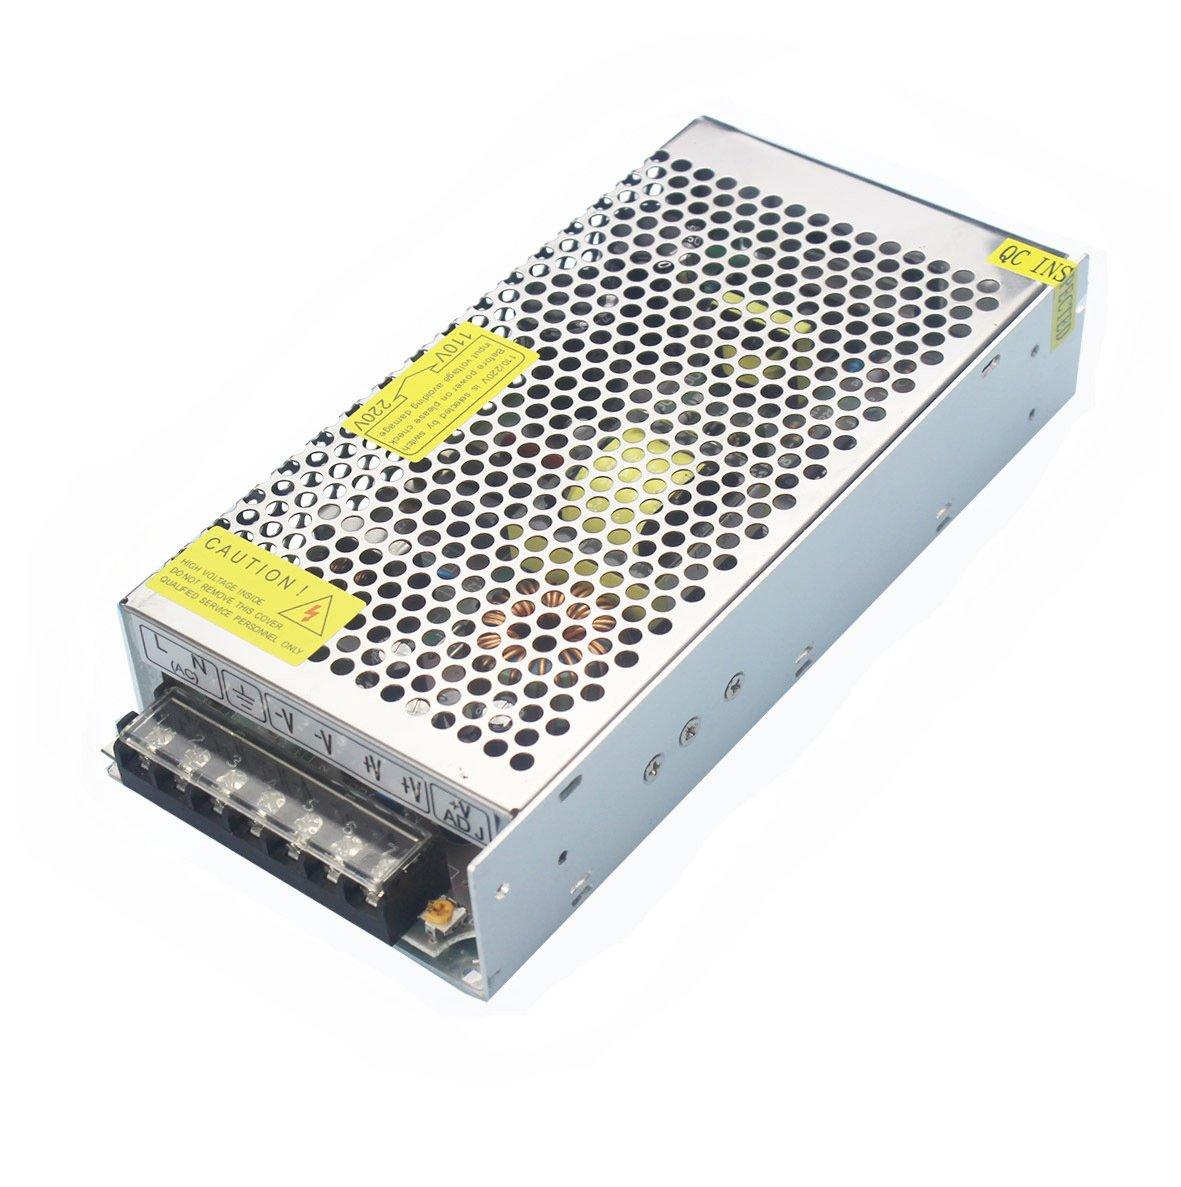 JoyNano DC48V 10A Alimentation à découpage 480W AC-DC Convertisseur Transformateur pour Machine de Frein Automatisation Industrielle CNC Moteur Pas-à-Pas et Plus [Version améliorée] TYCON SYSTEMS INC